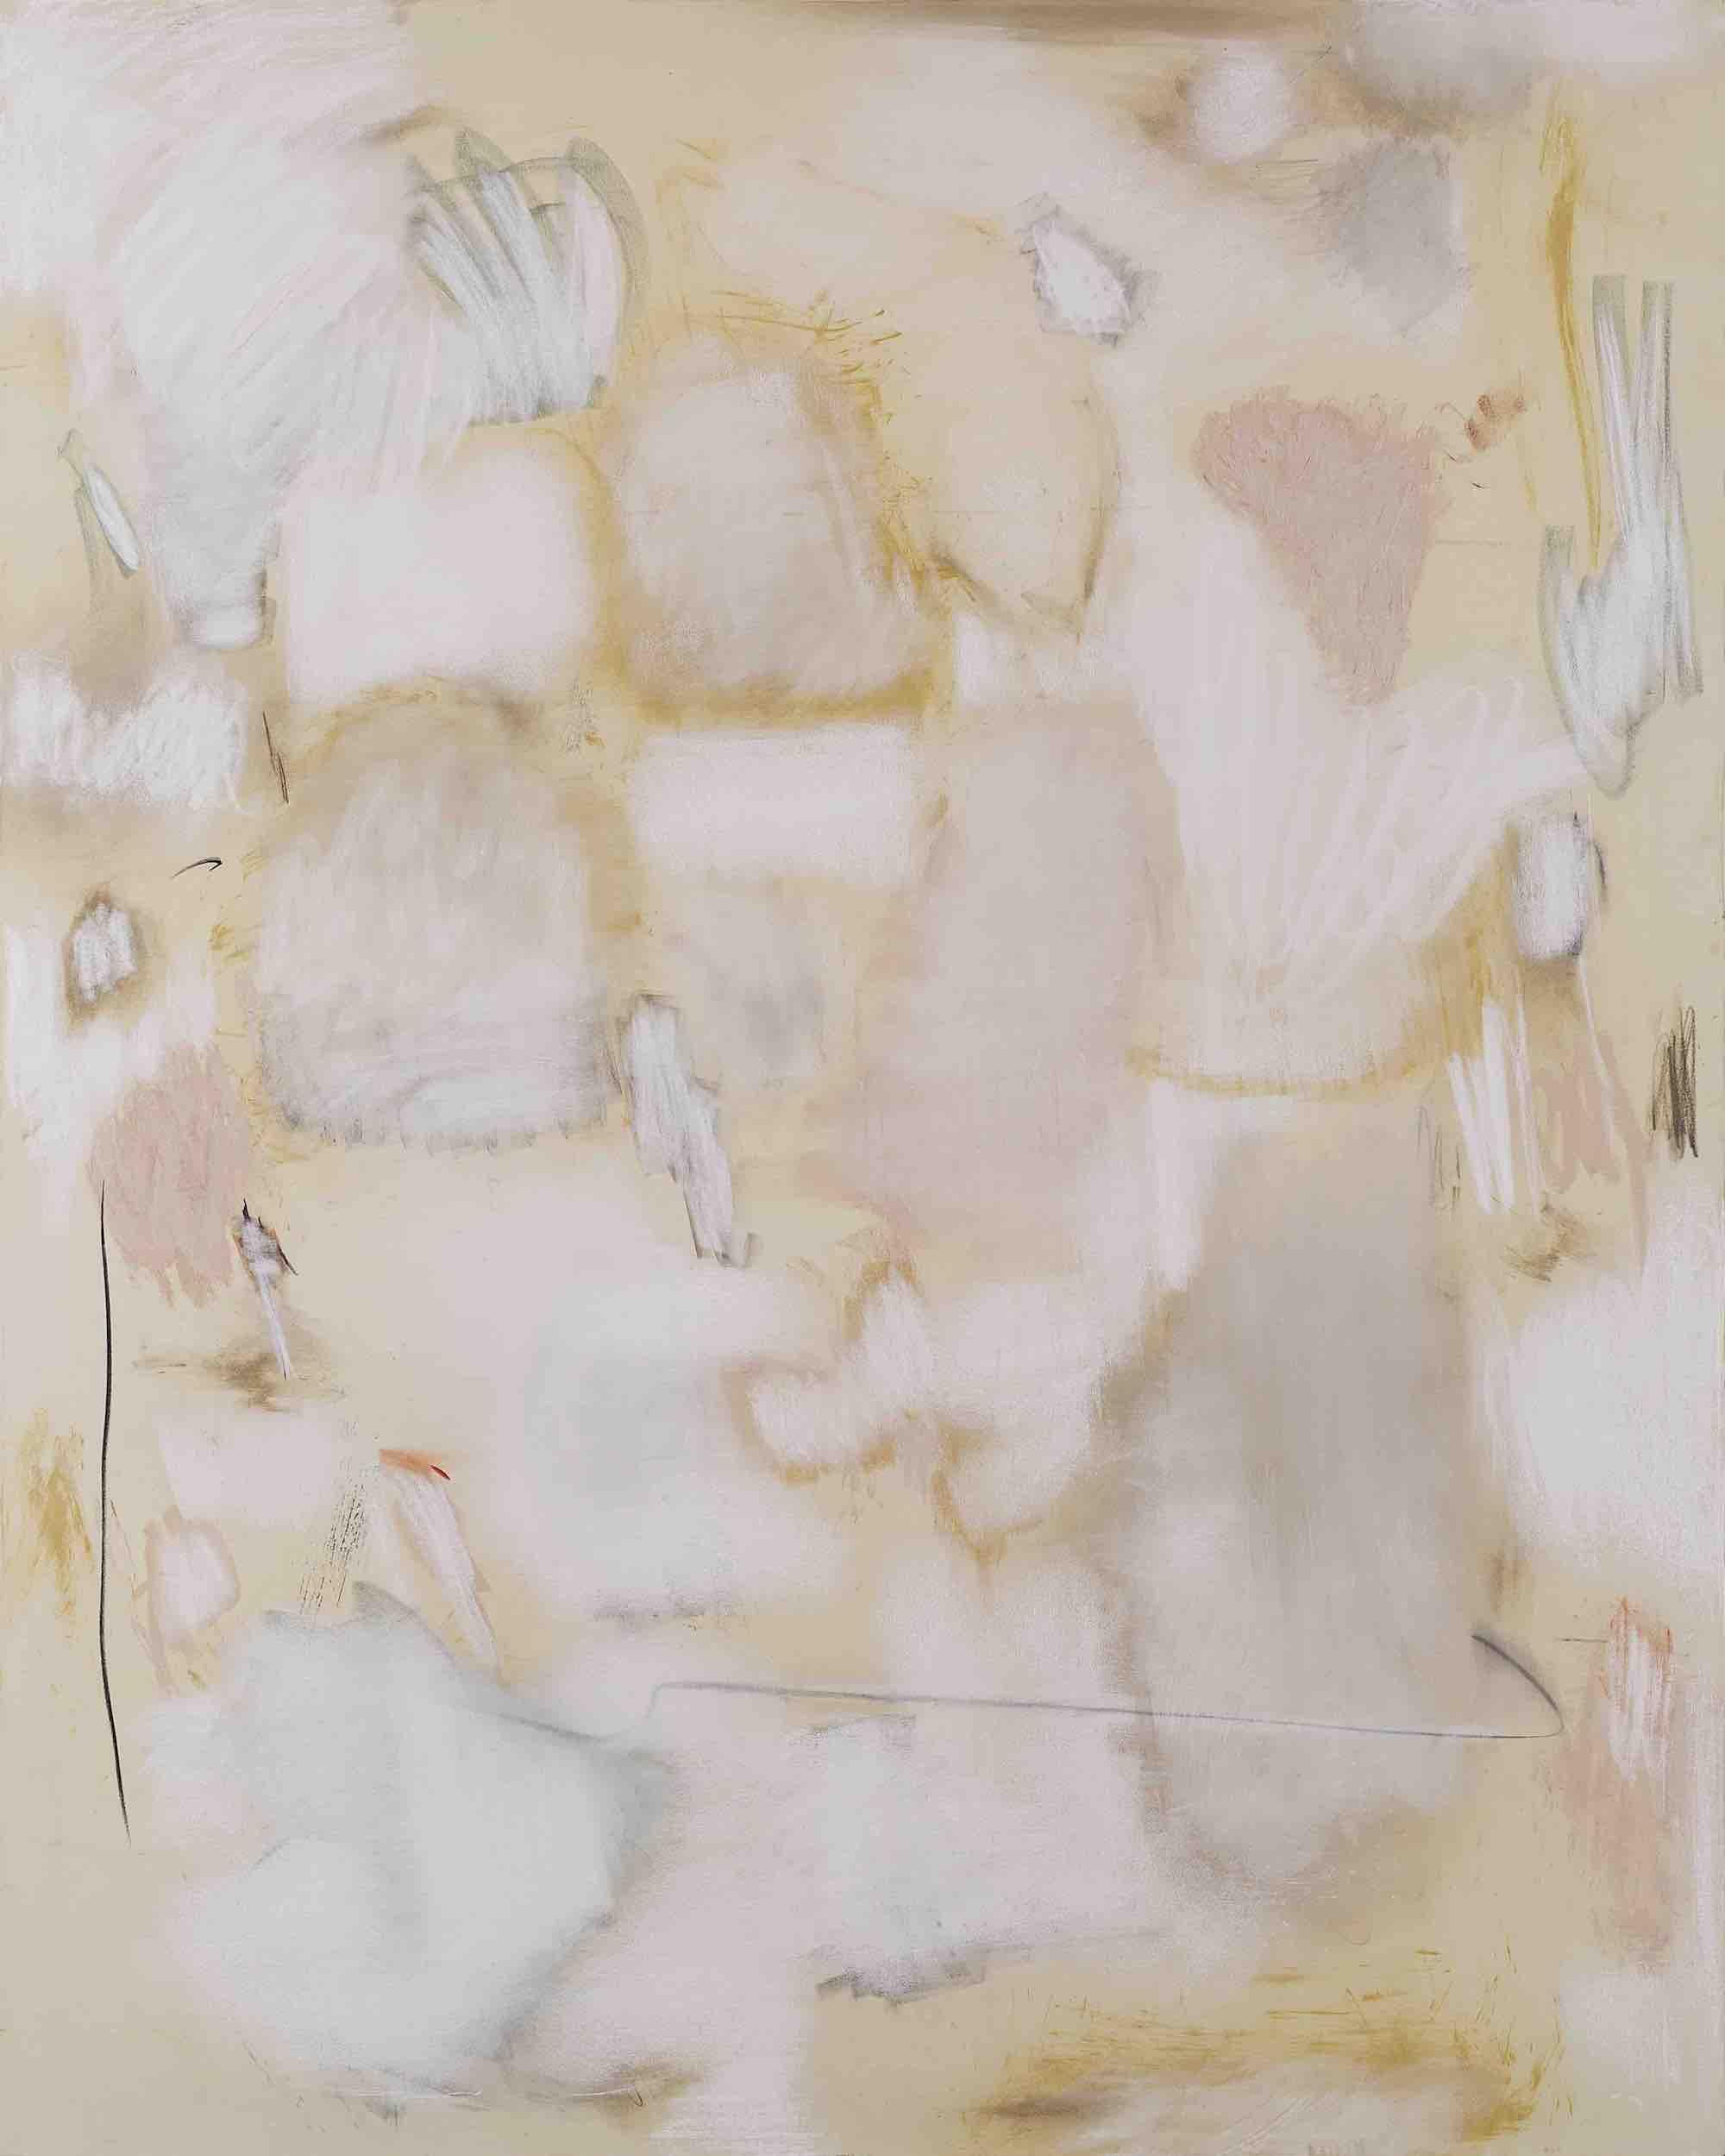 soh souen, untitled 2019 (130.3 x 162cm) ©soh souen